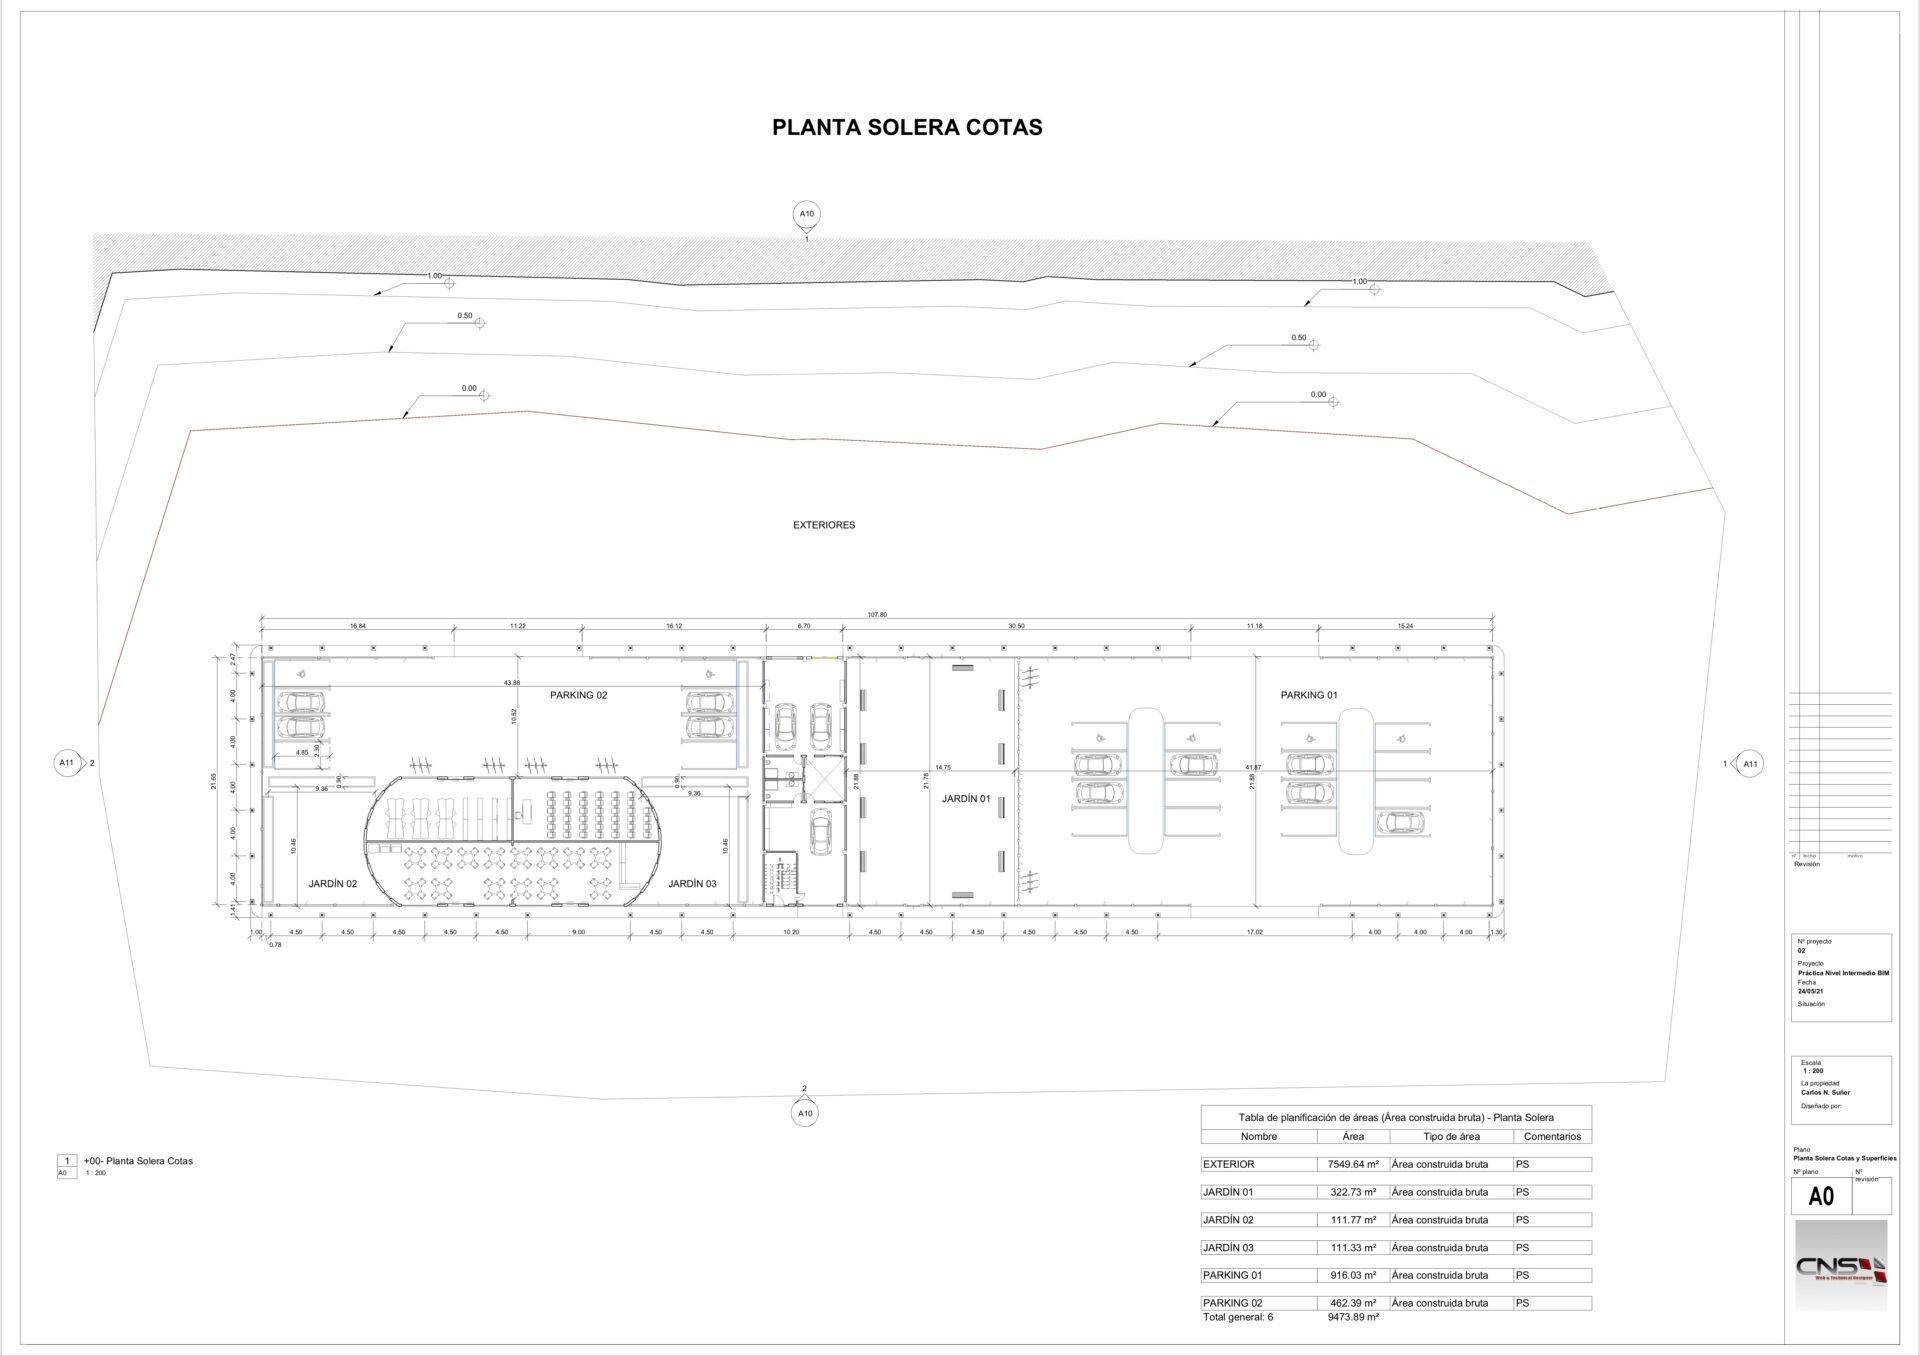 Plano - A0 - Planta Solera Cotas y Superficies.jpg